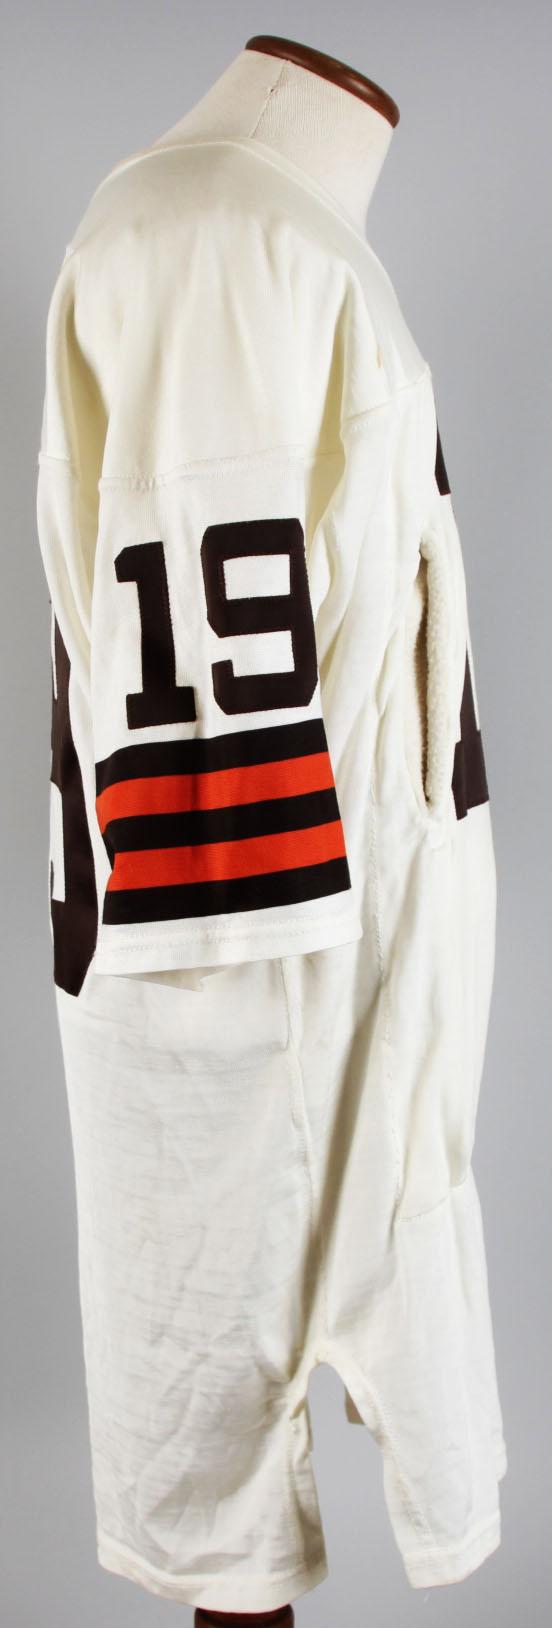 2d9a1326c64 1985-87 Cleveland Browns – Bernie Kosar Game-Worn Jersey -COA 100% Team